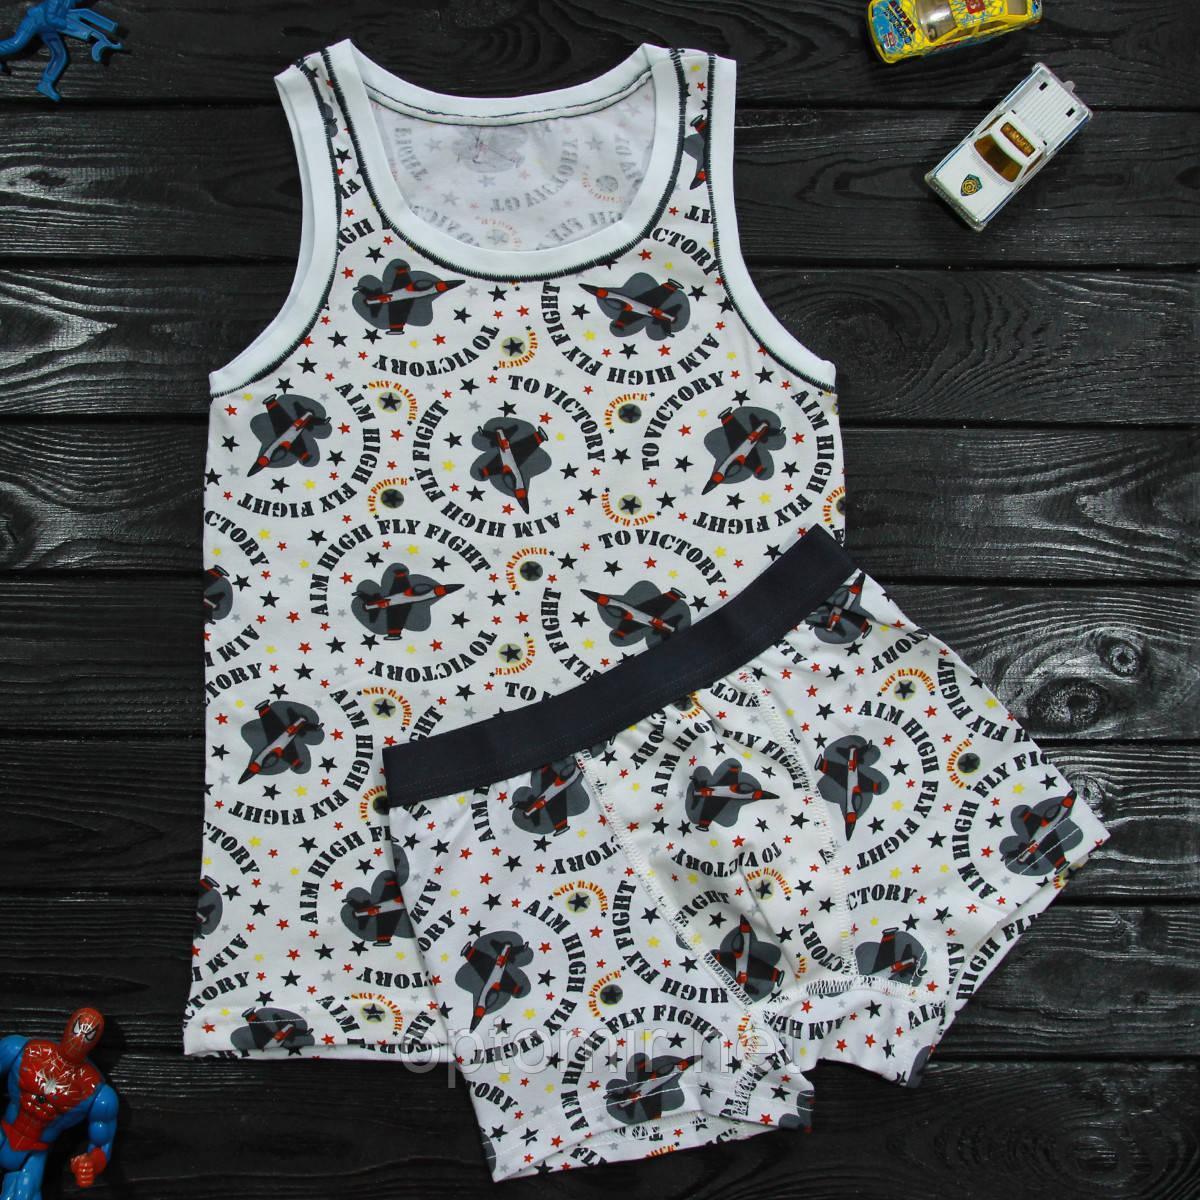 Комплект детский Donella белый для мальчика на 4/5 лет | 1шт.